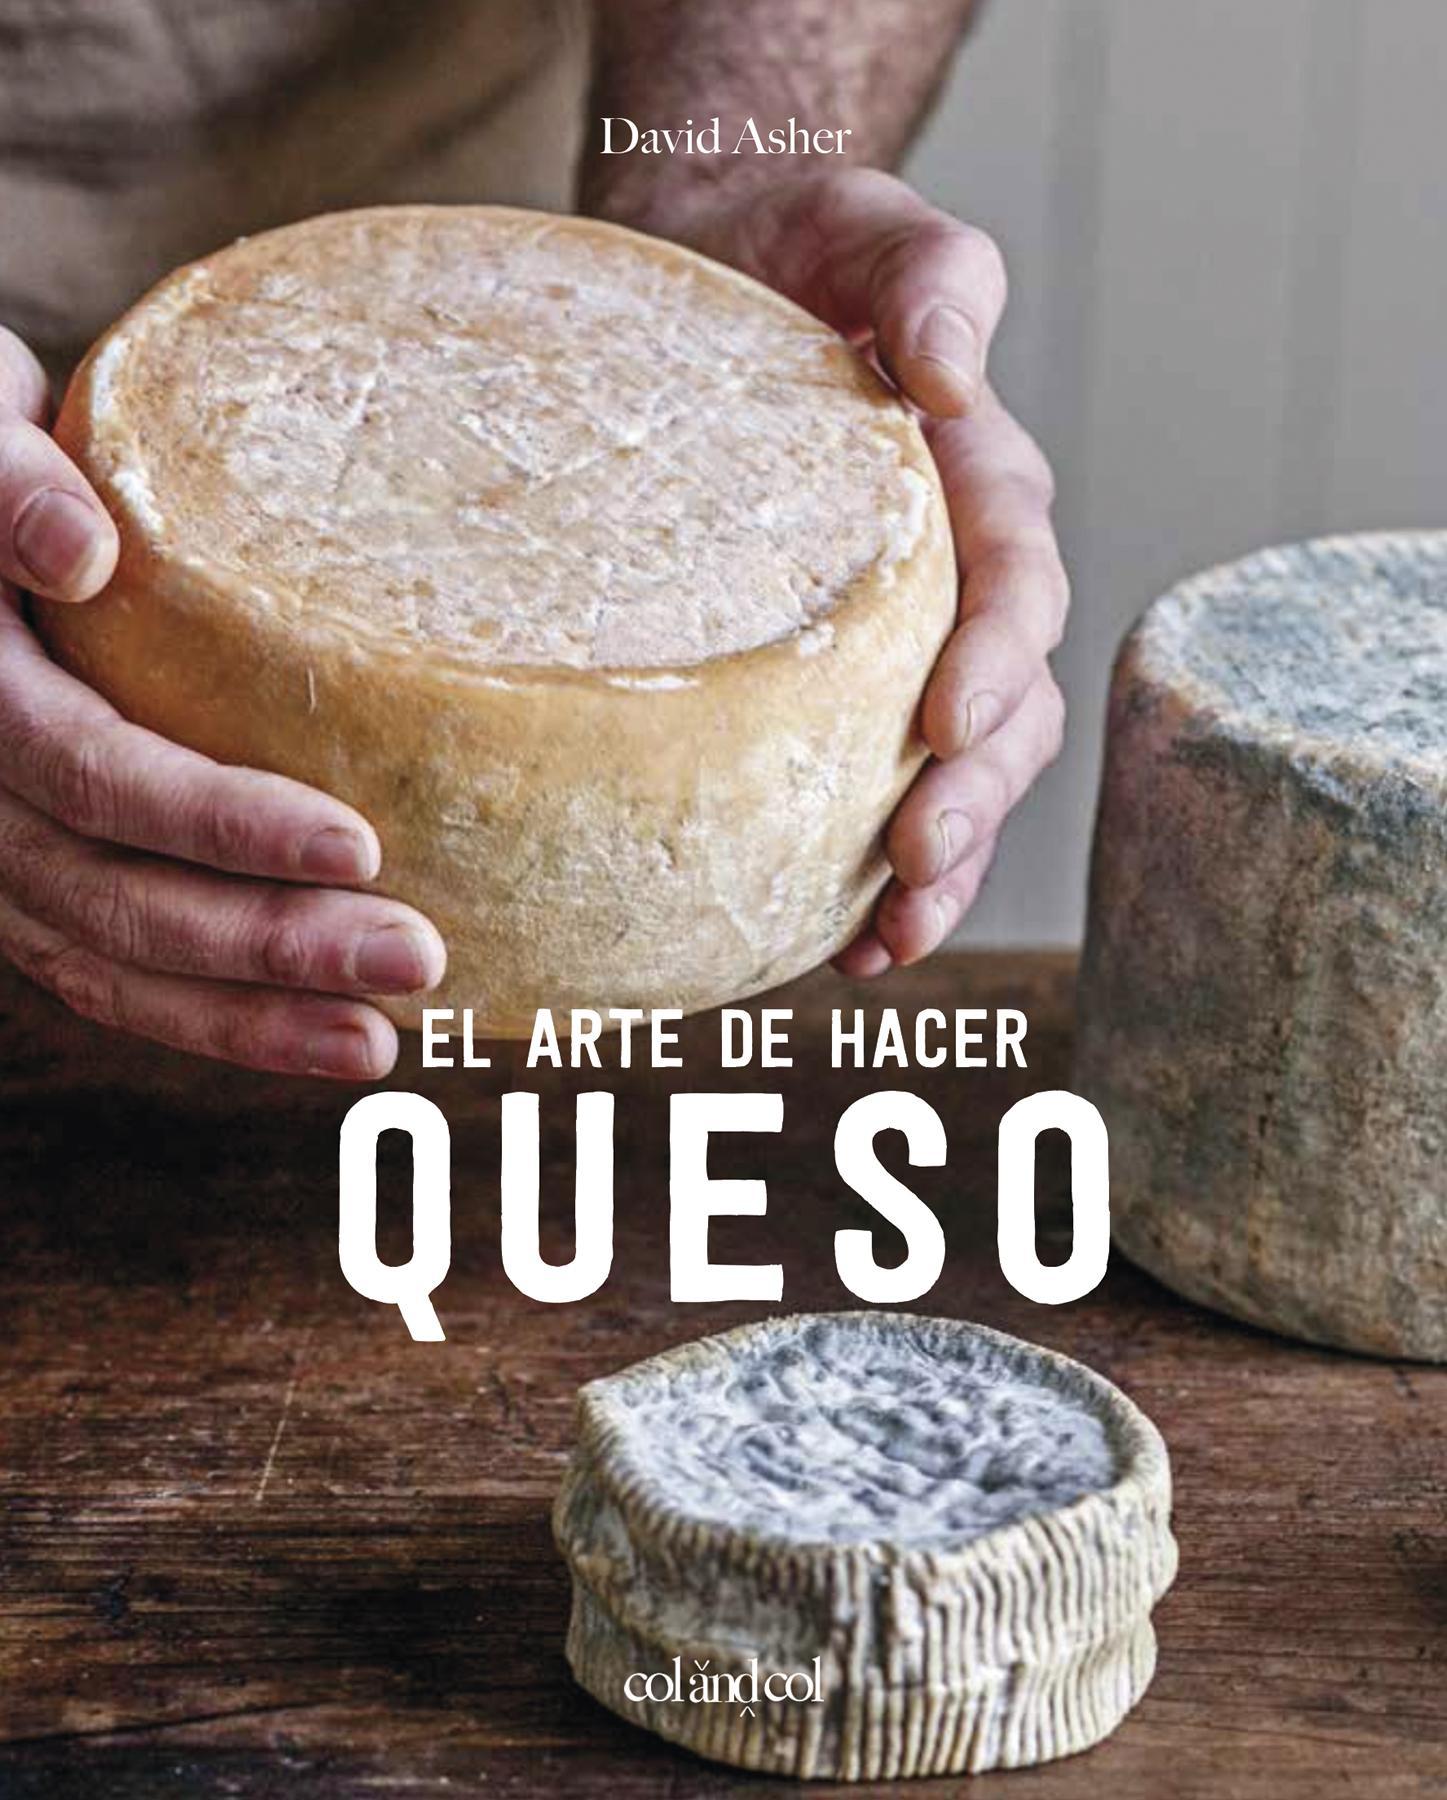 El arte de hacer queso (PREVENTA)